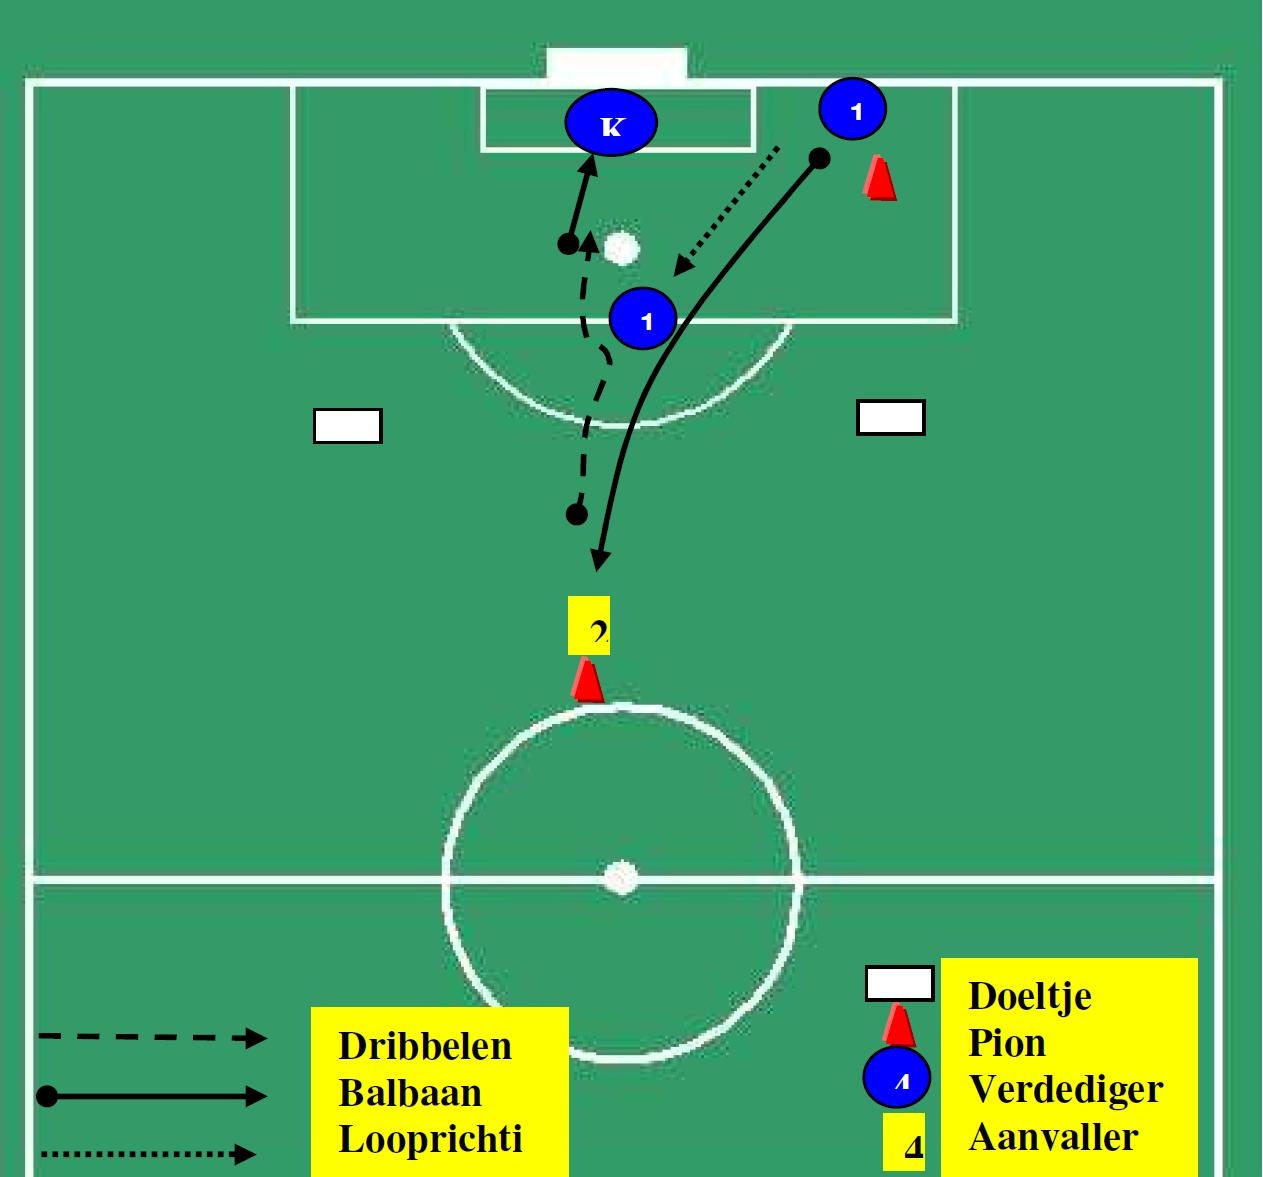 lange-pass-trap-gevolgd-door-1-tegen-1-1